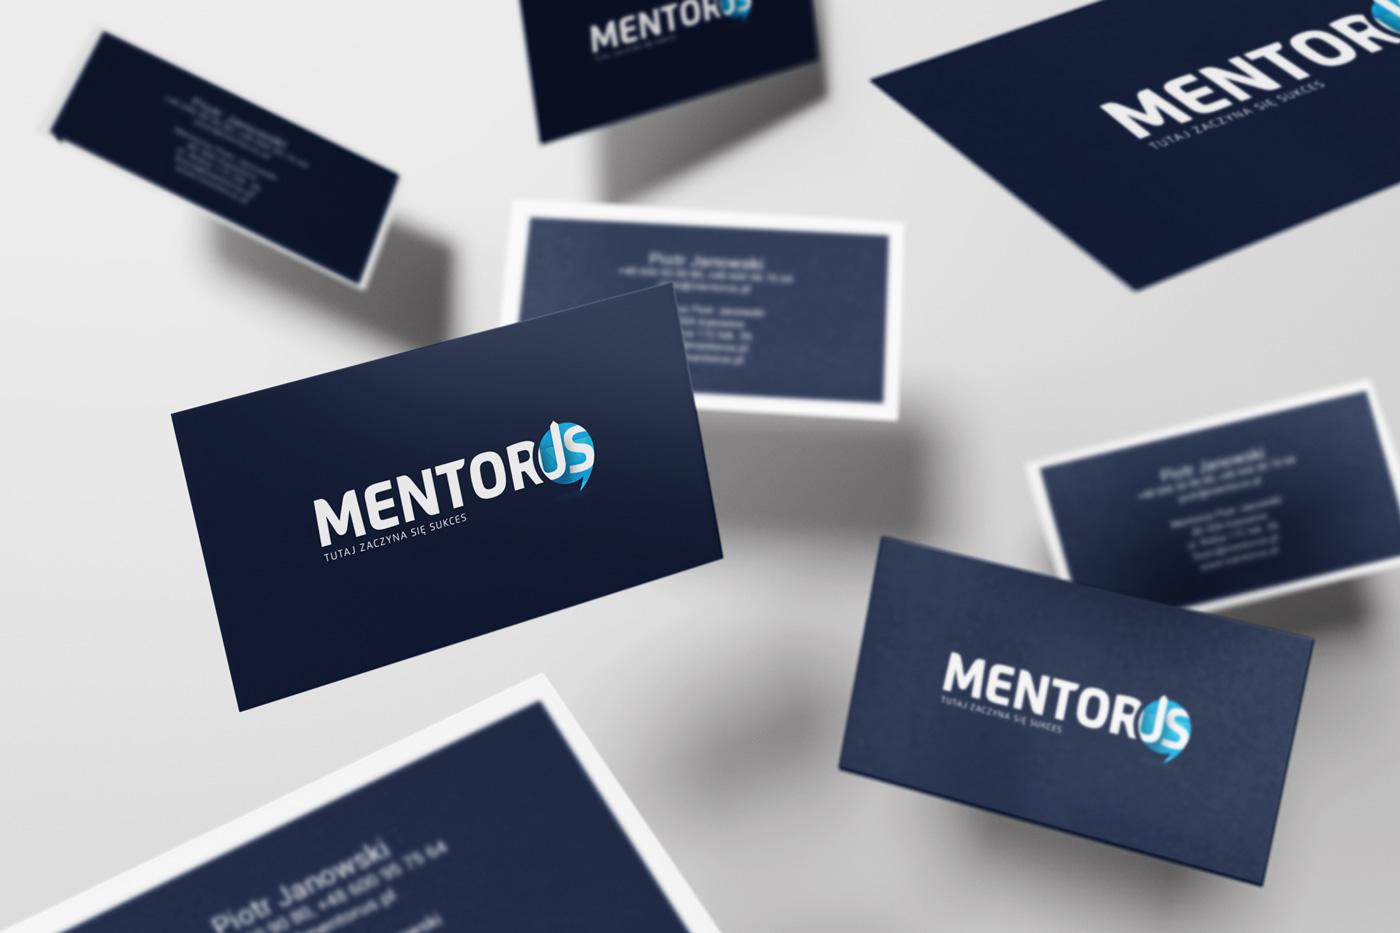 Mentorus - wizualizacja projektu wizytówek